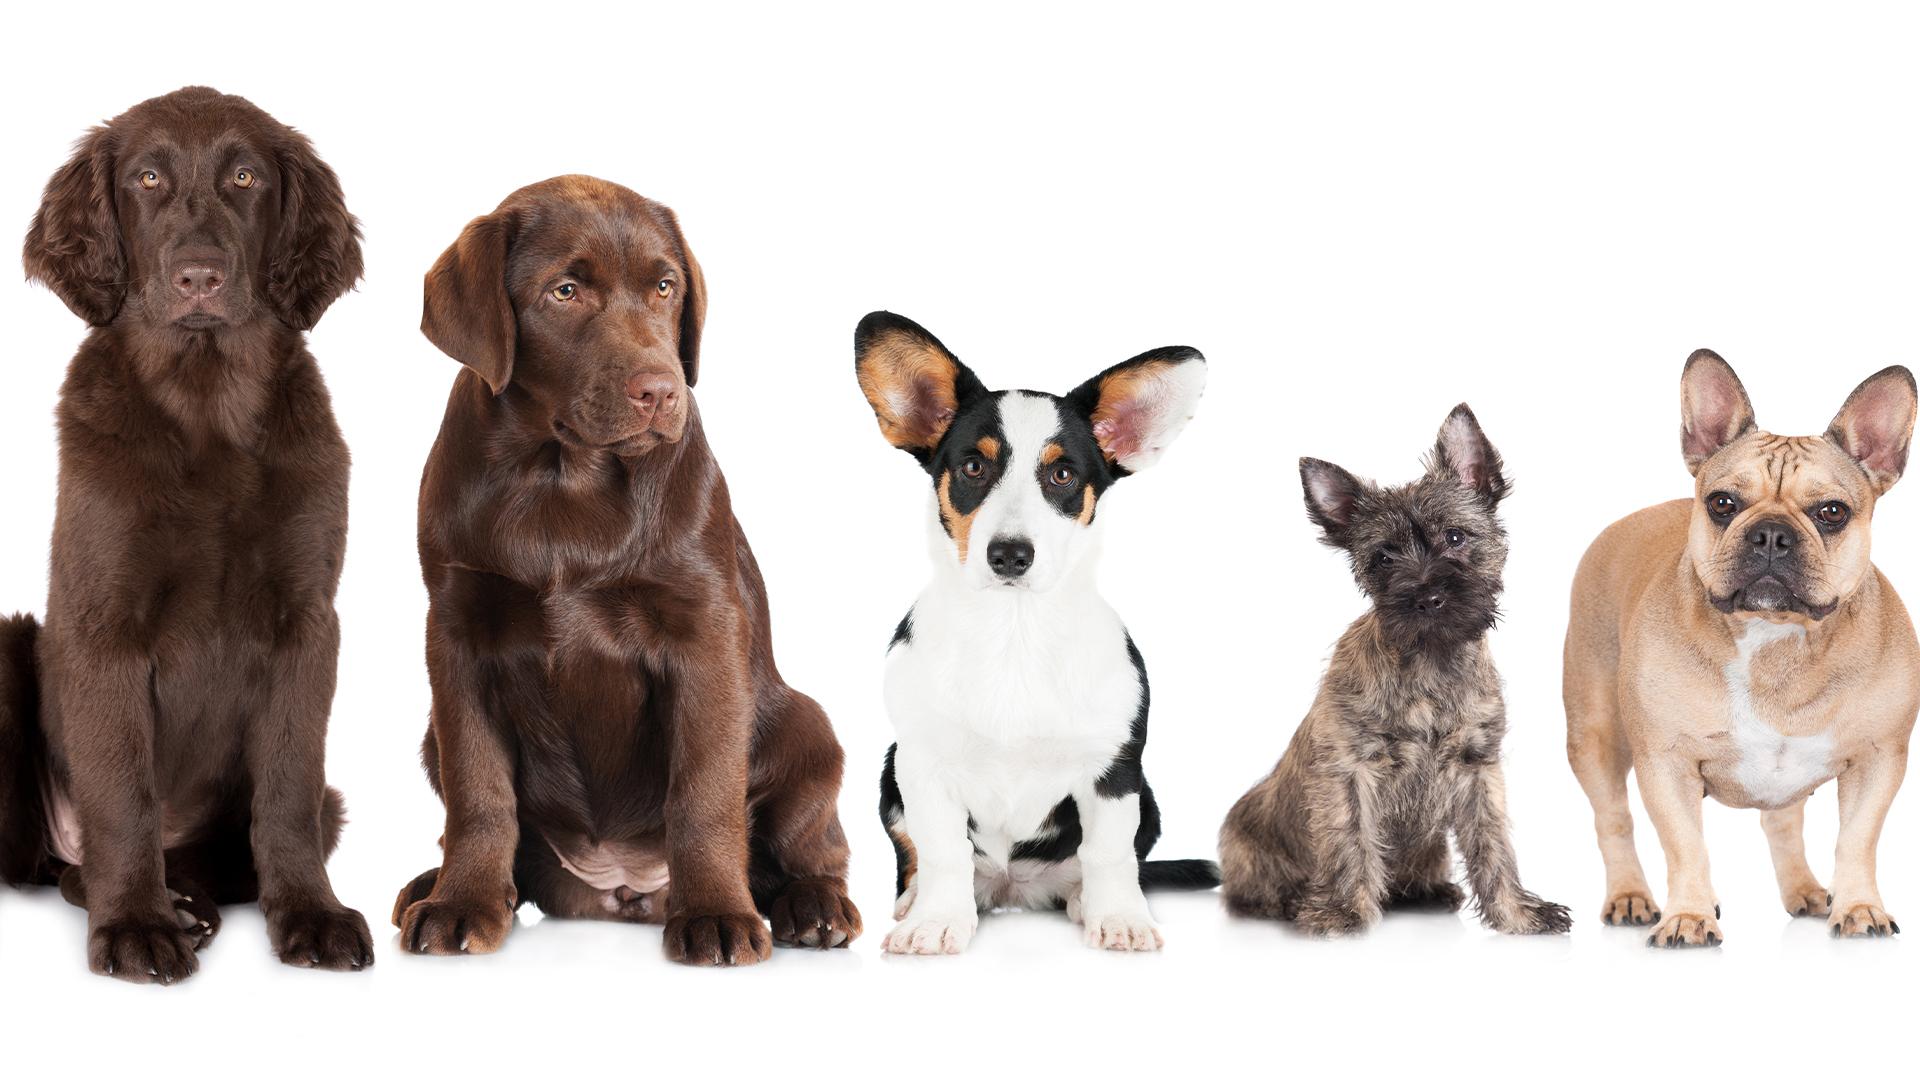 dogs in a line_1556057162380.jpg.jpg